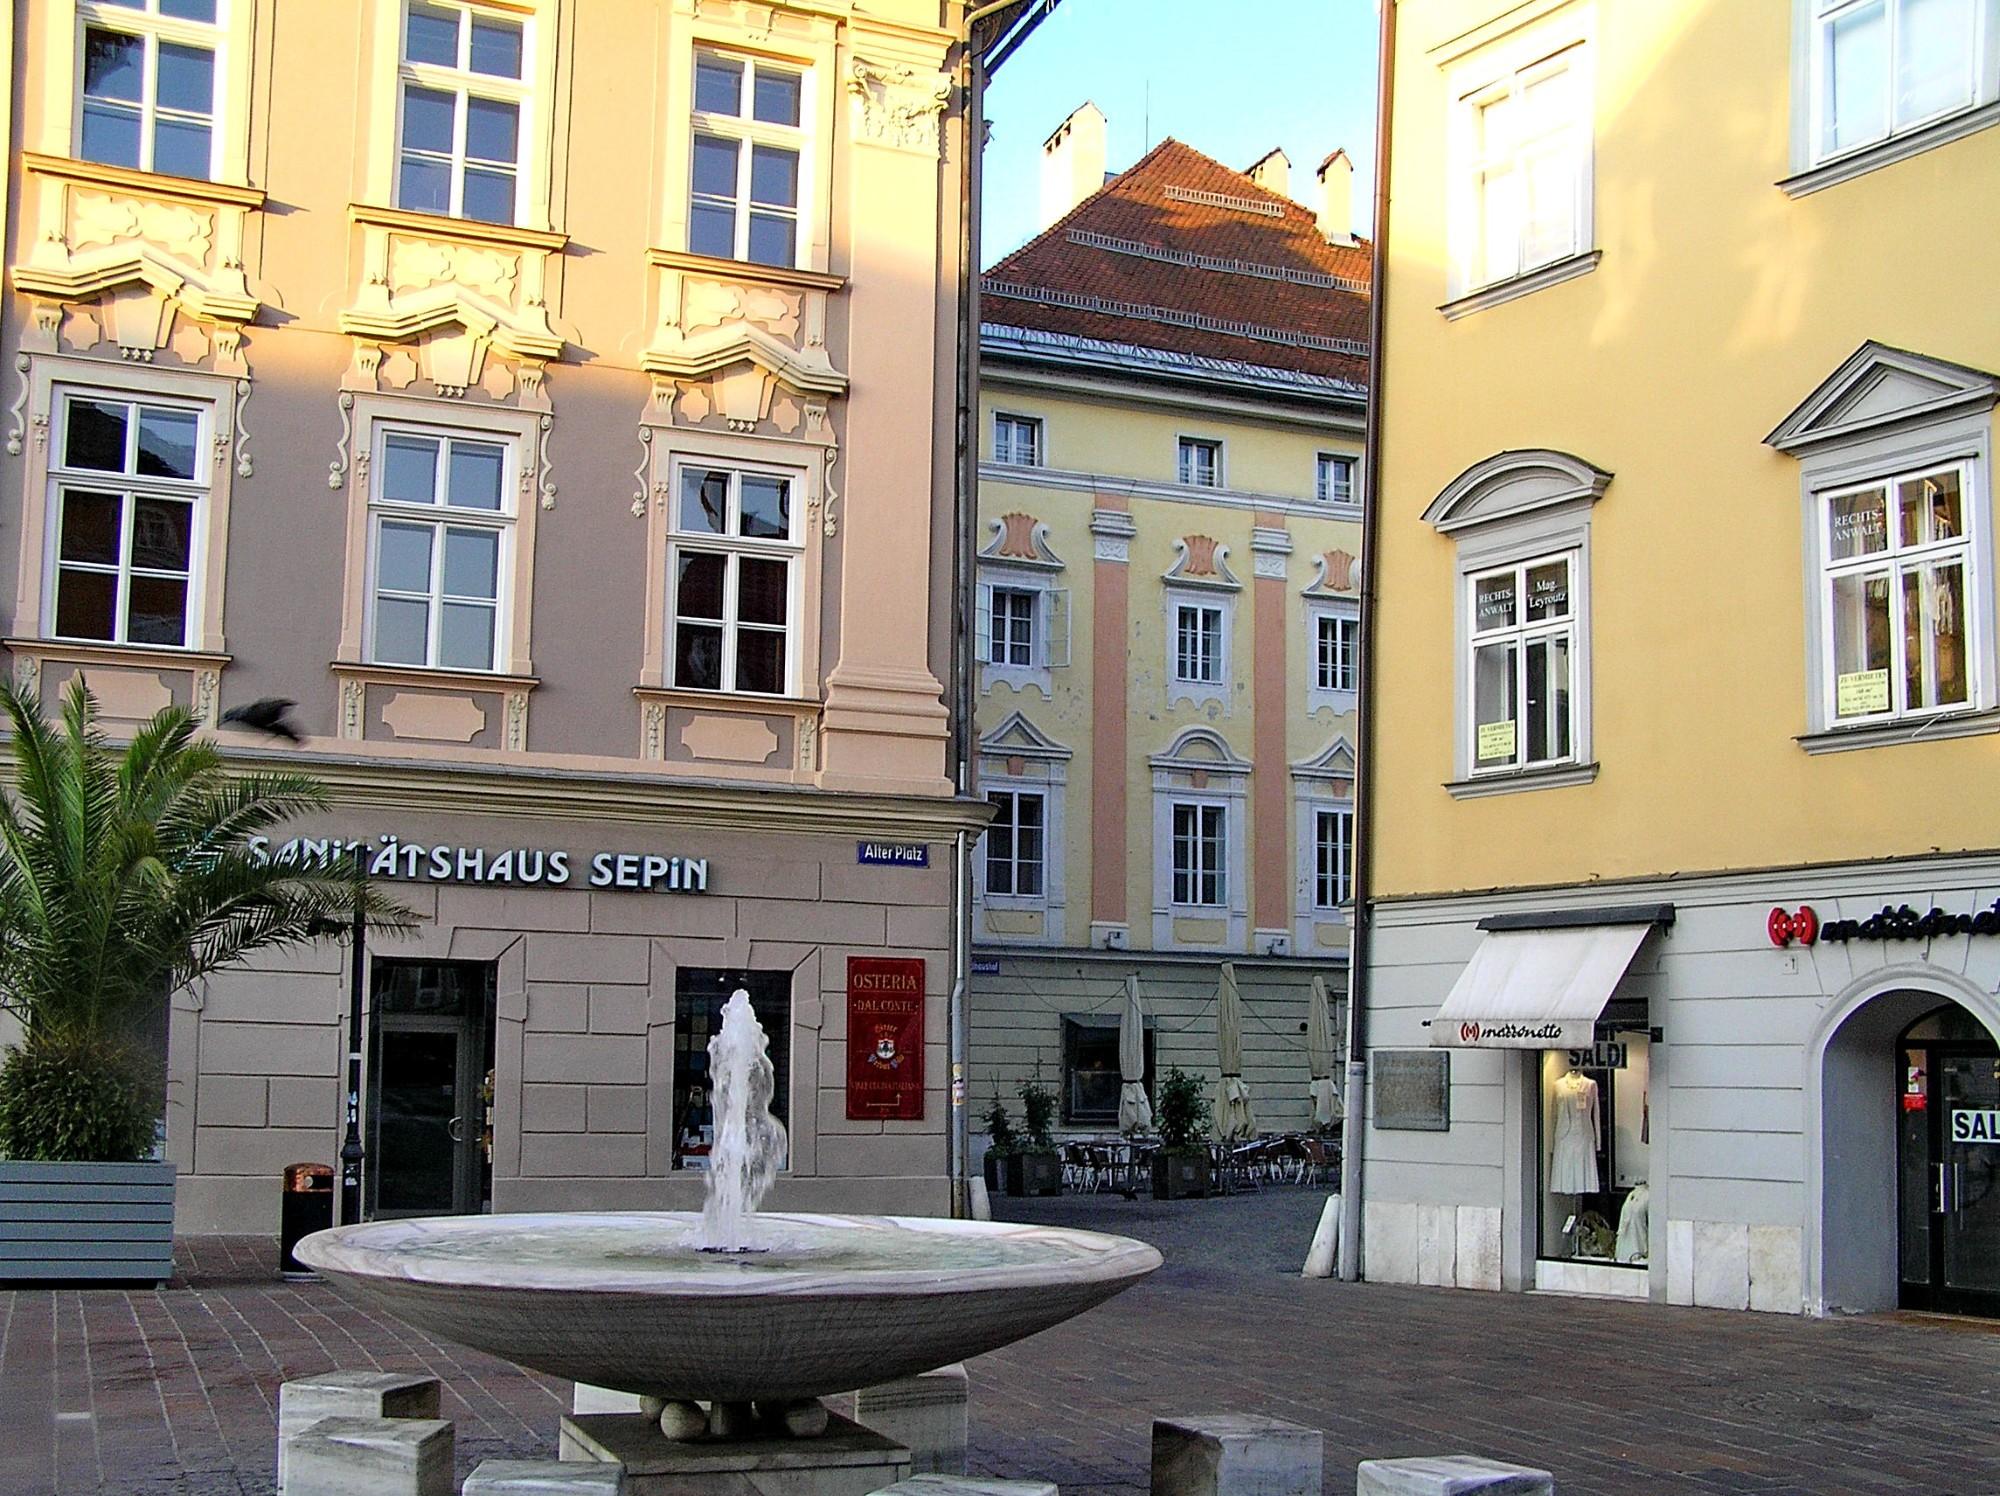 клагенфурт австрия достопримечательности фото относительно возраста касается